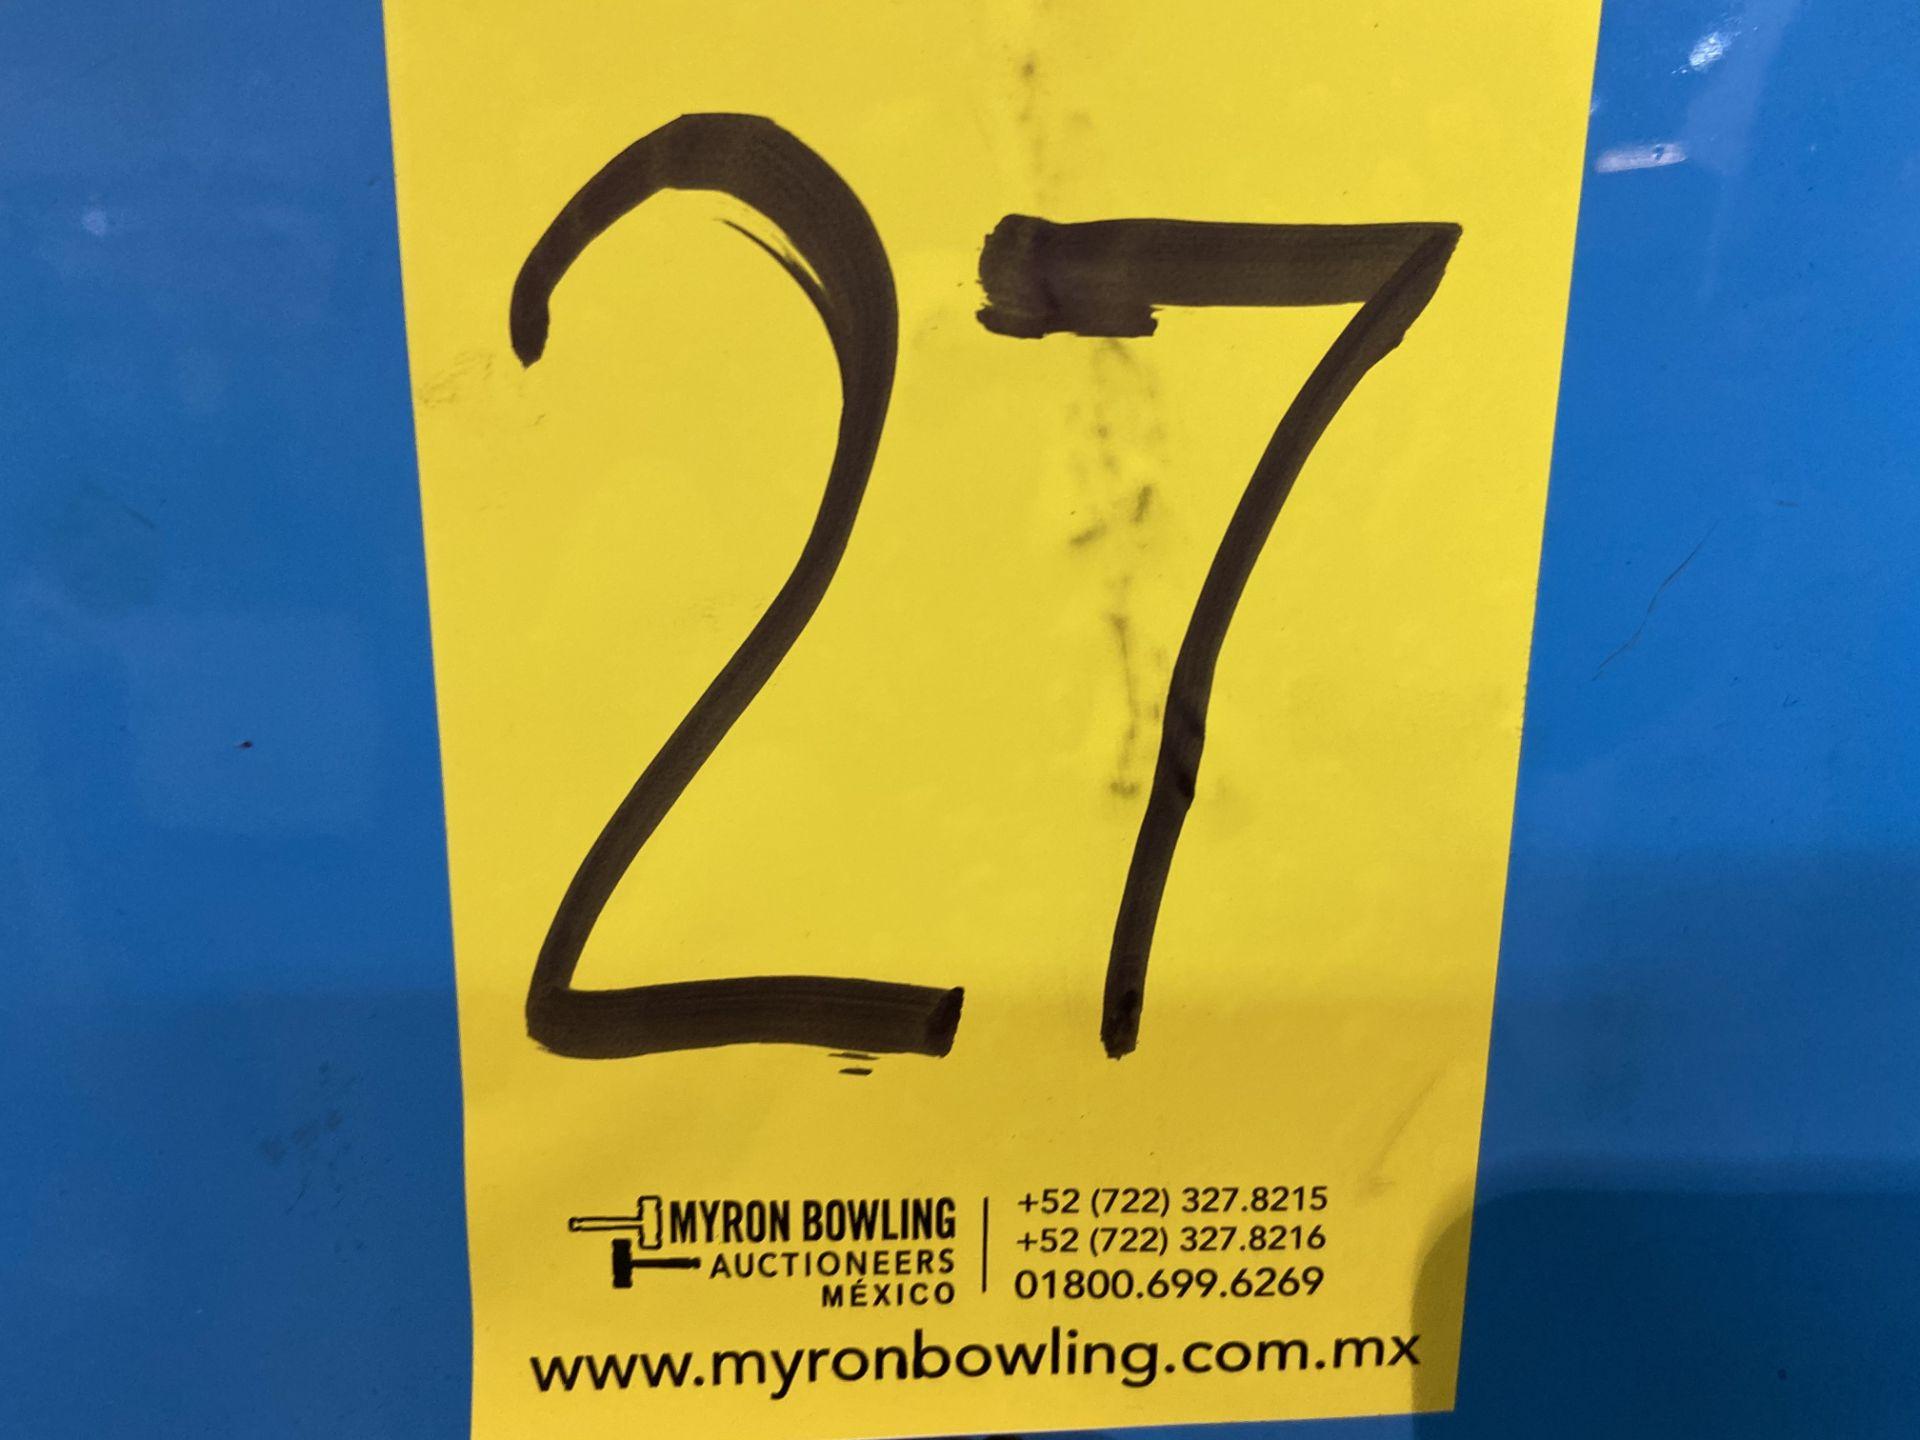 Lot 27 - Prensa de grommet marca Shum Shuay Enterprise